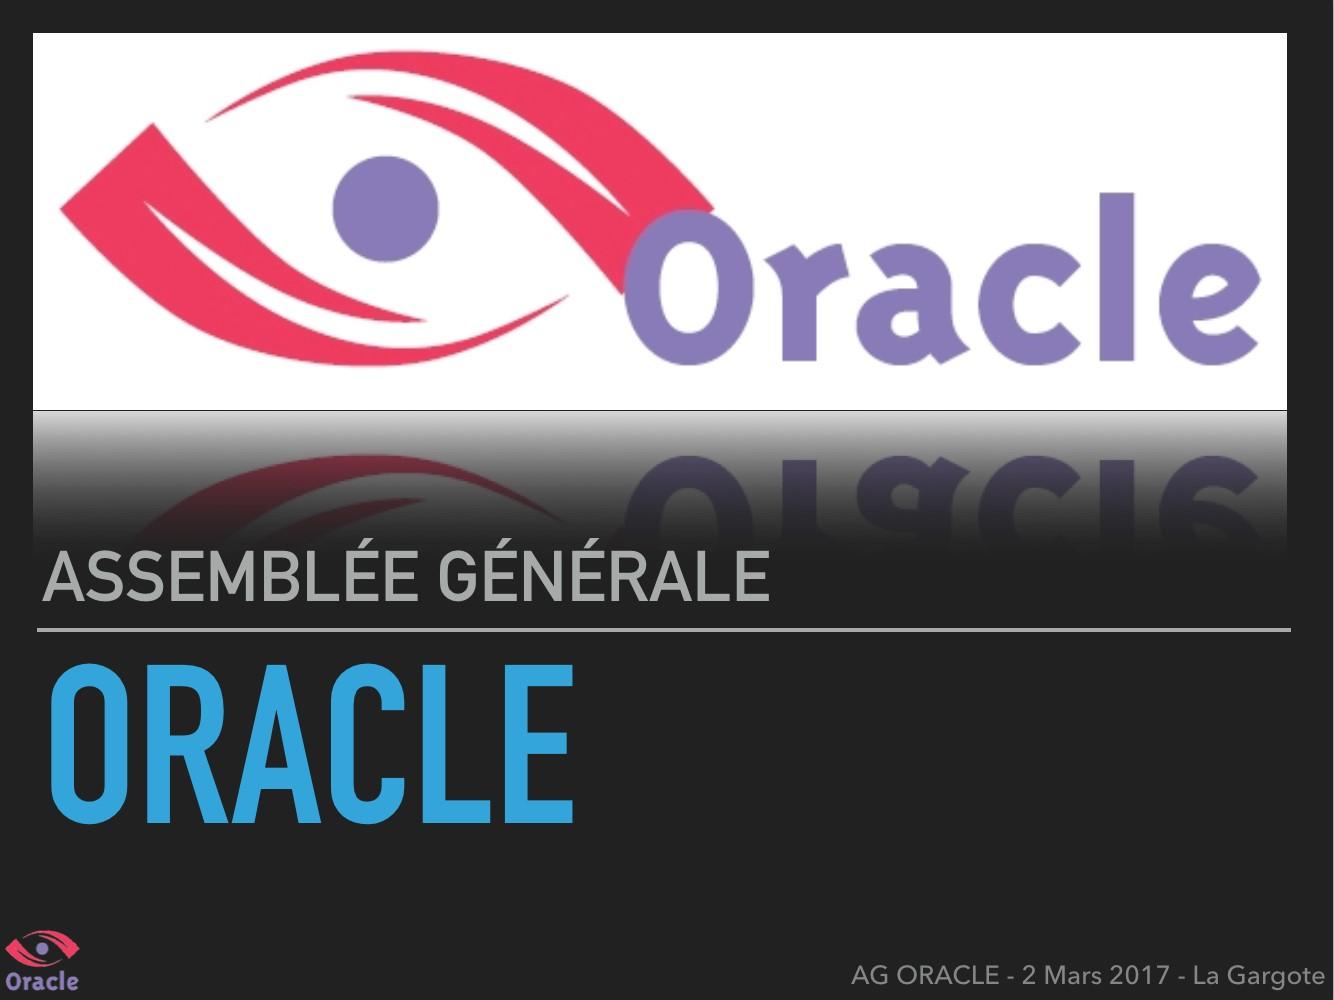 Assemblée générale Oracle